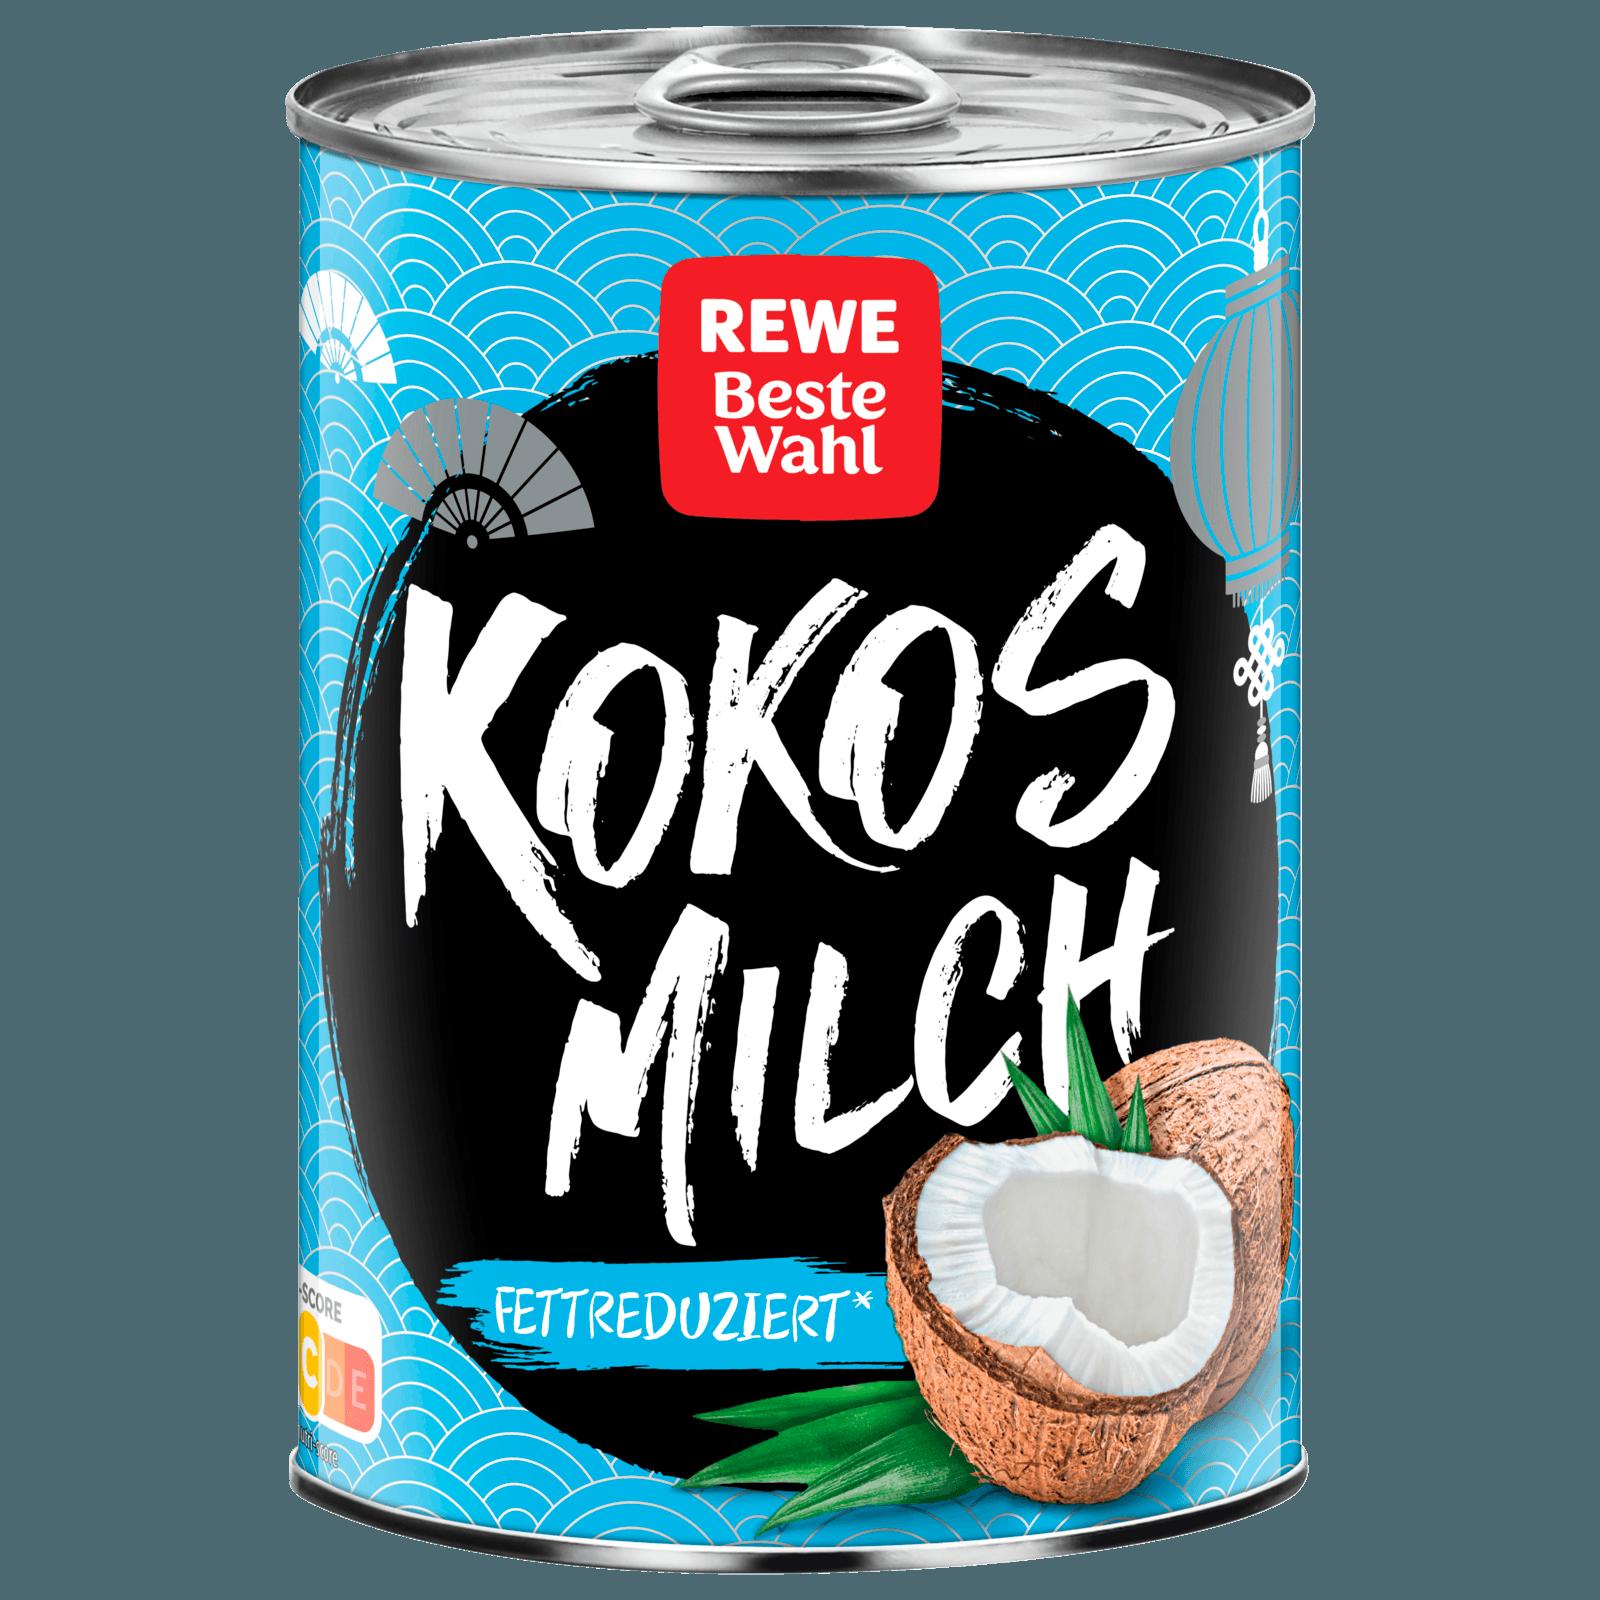 Rewe Beste Wahl Kokosmilch Fettreduziert 400ml Bei Rewe Online